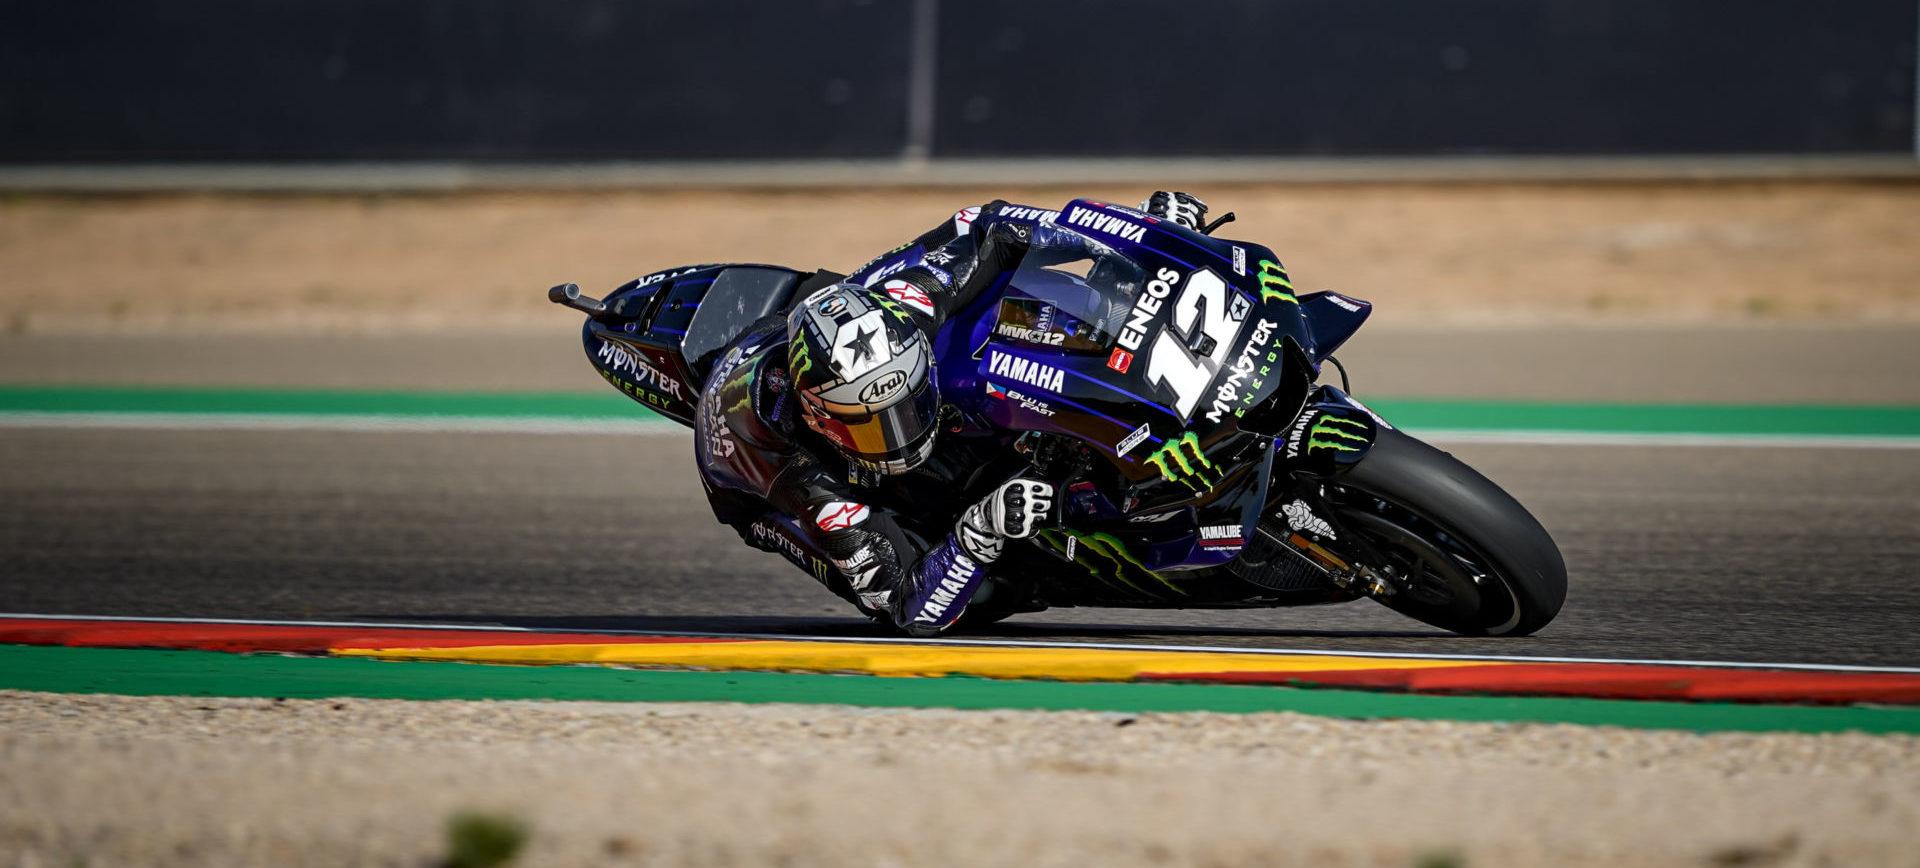 Maverick Vinales (12) at Motorland Aragon. Photo courtesy of Yamaha.